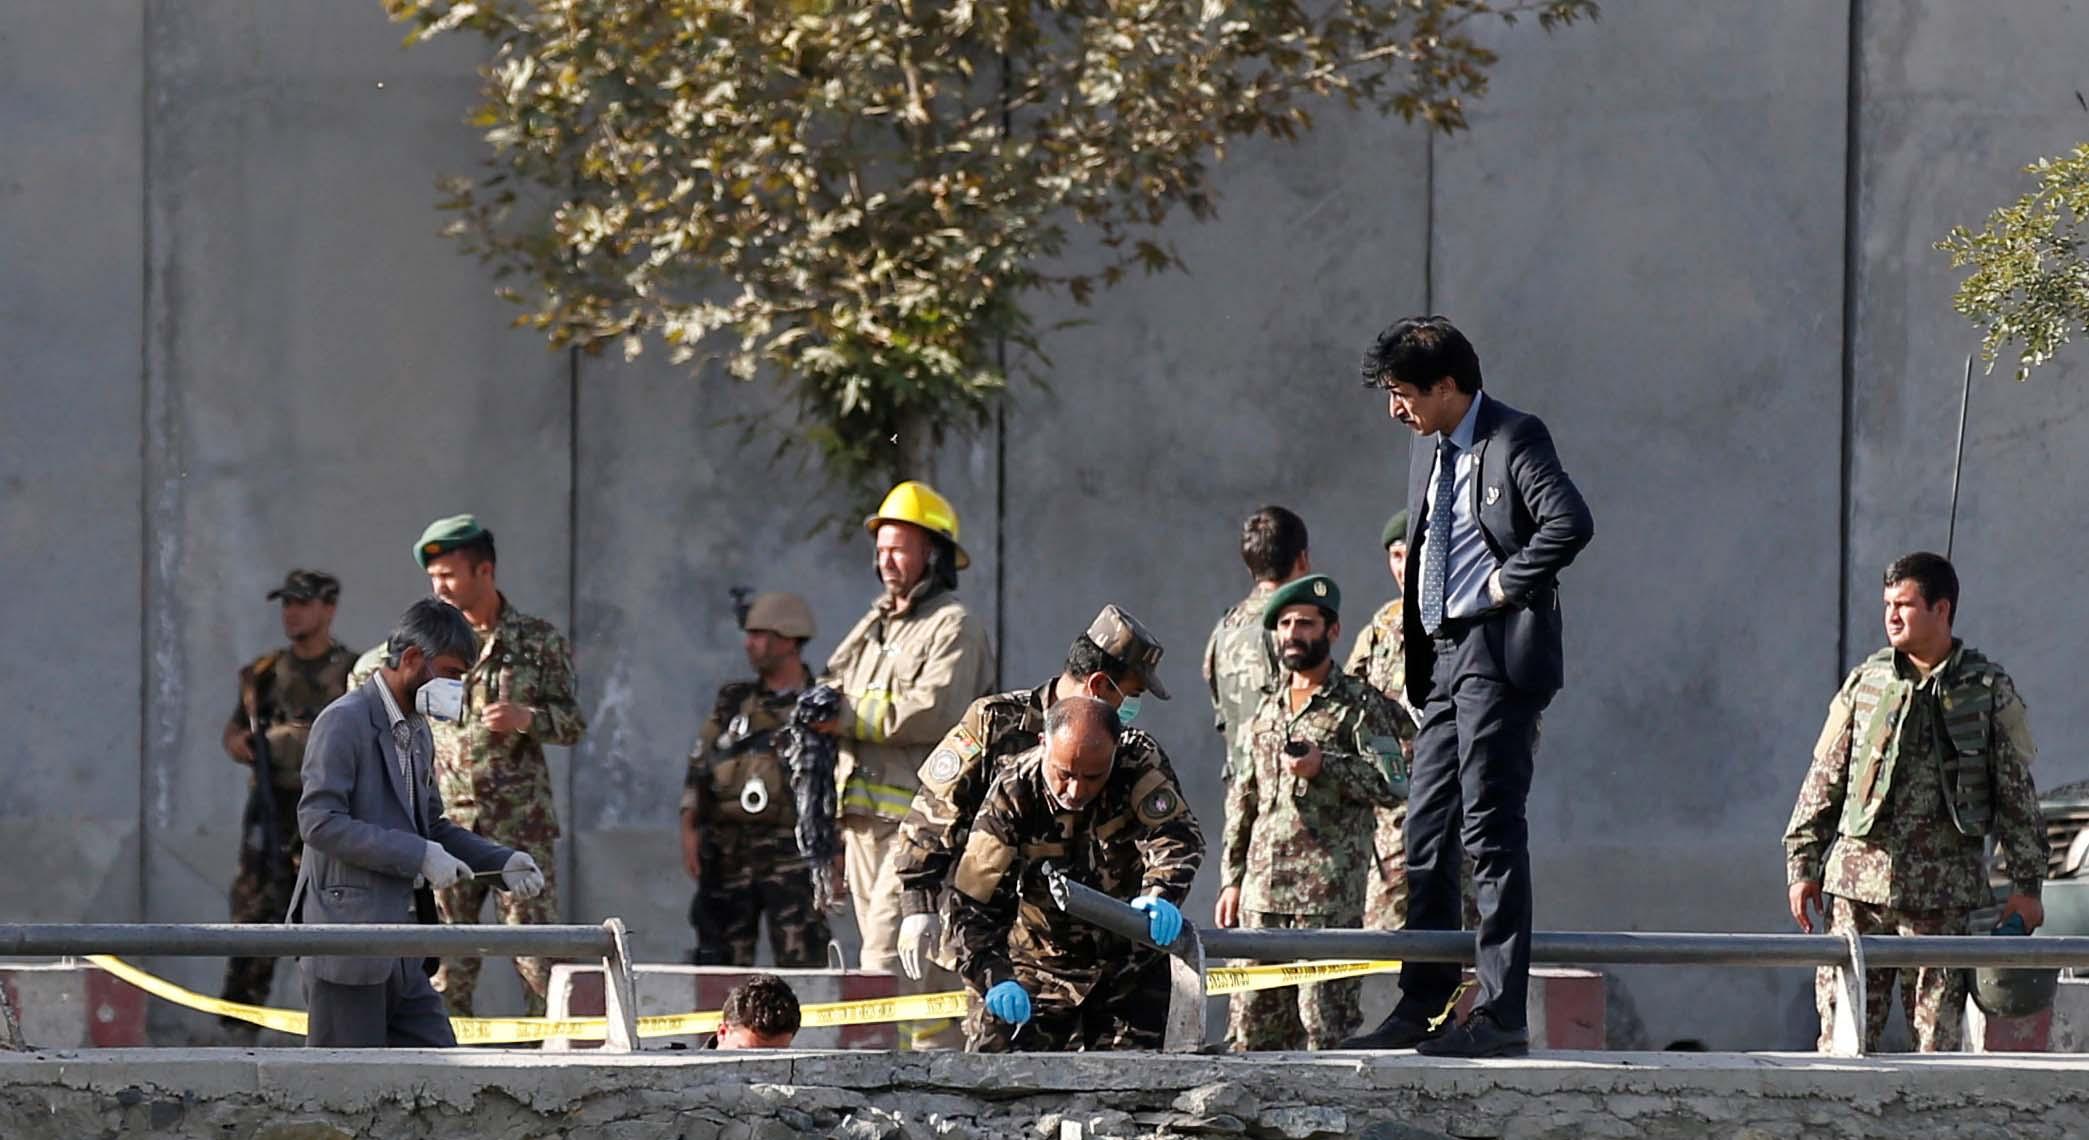 Los insurgentes lograron acceder a la sala de cirugías del Hospital, donde tuvo lugar un enfrentamiento con las tropas afganas